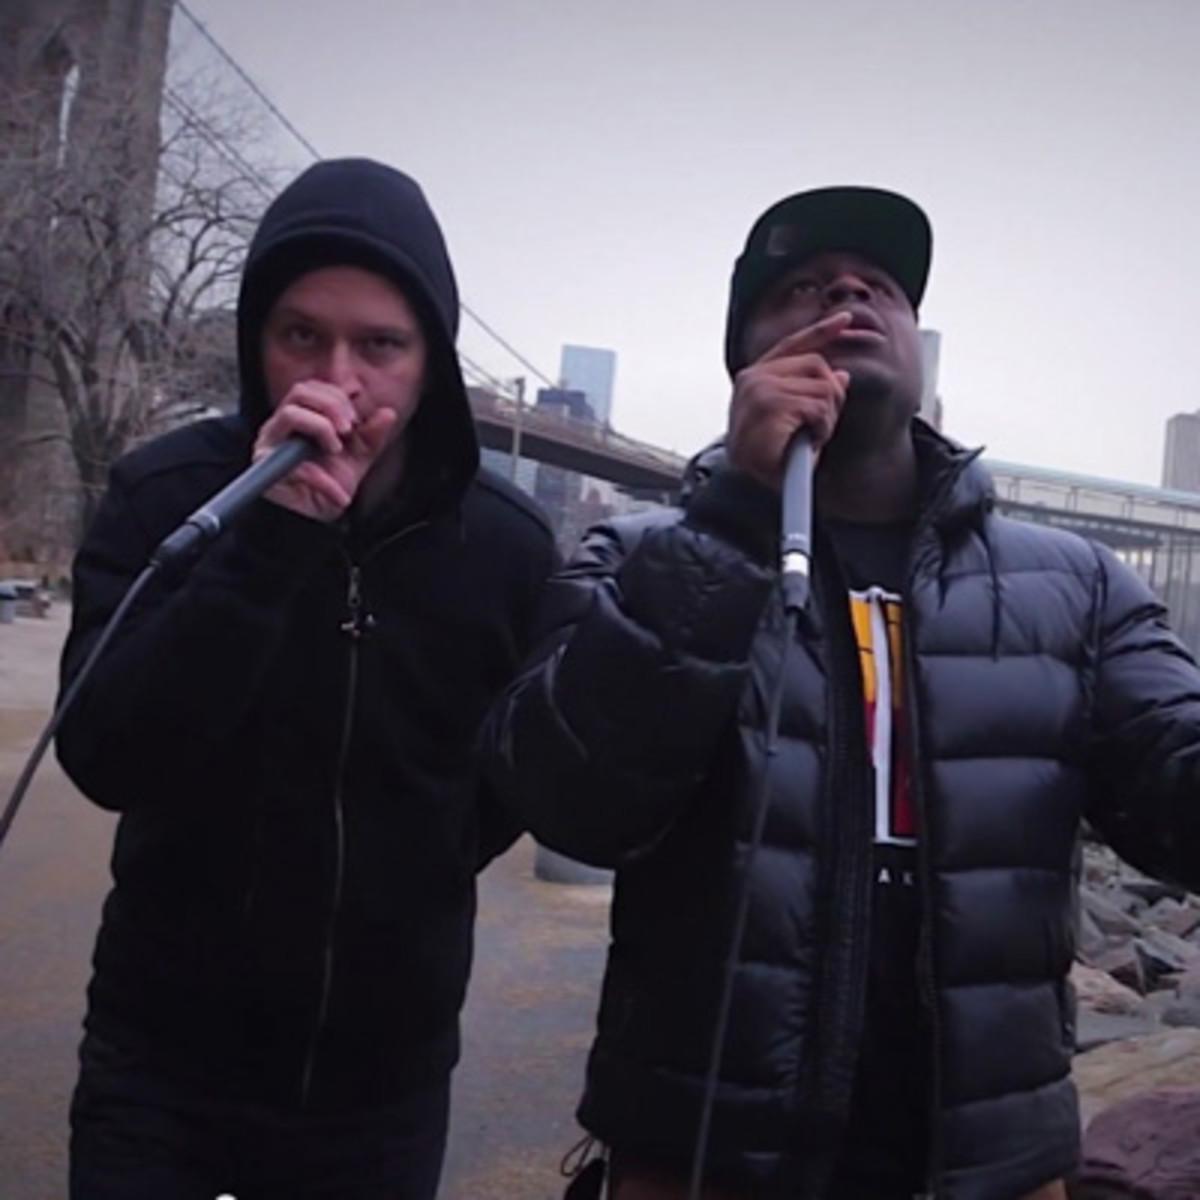 jahzel-djbooth-rapbox.jpg